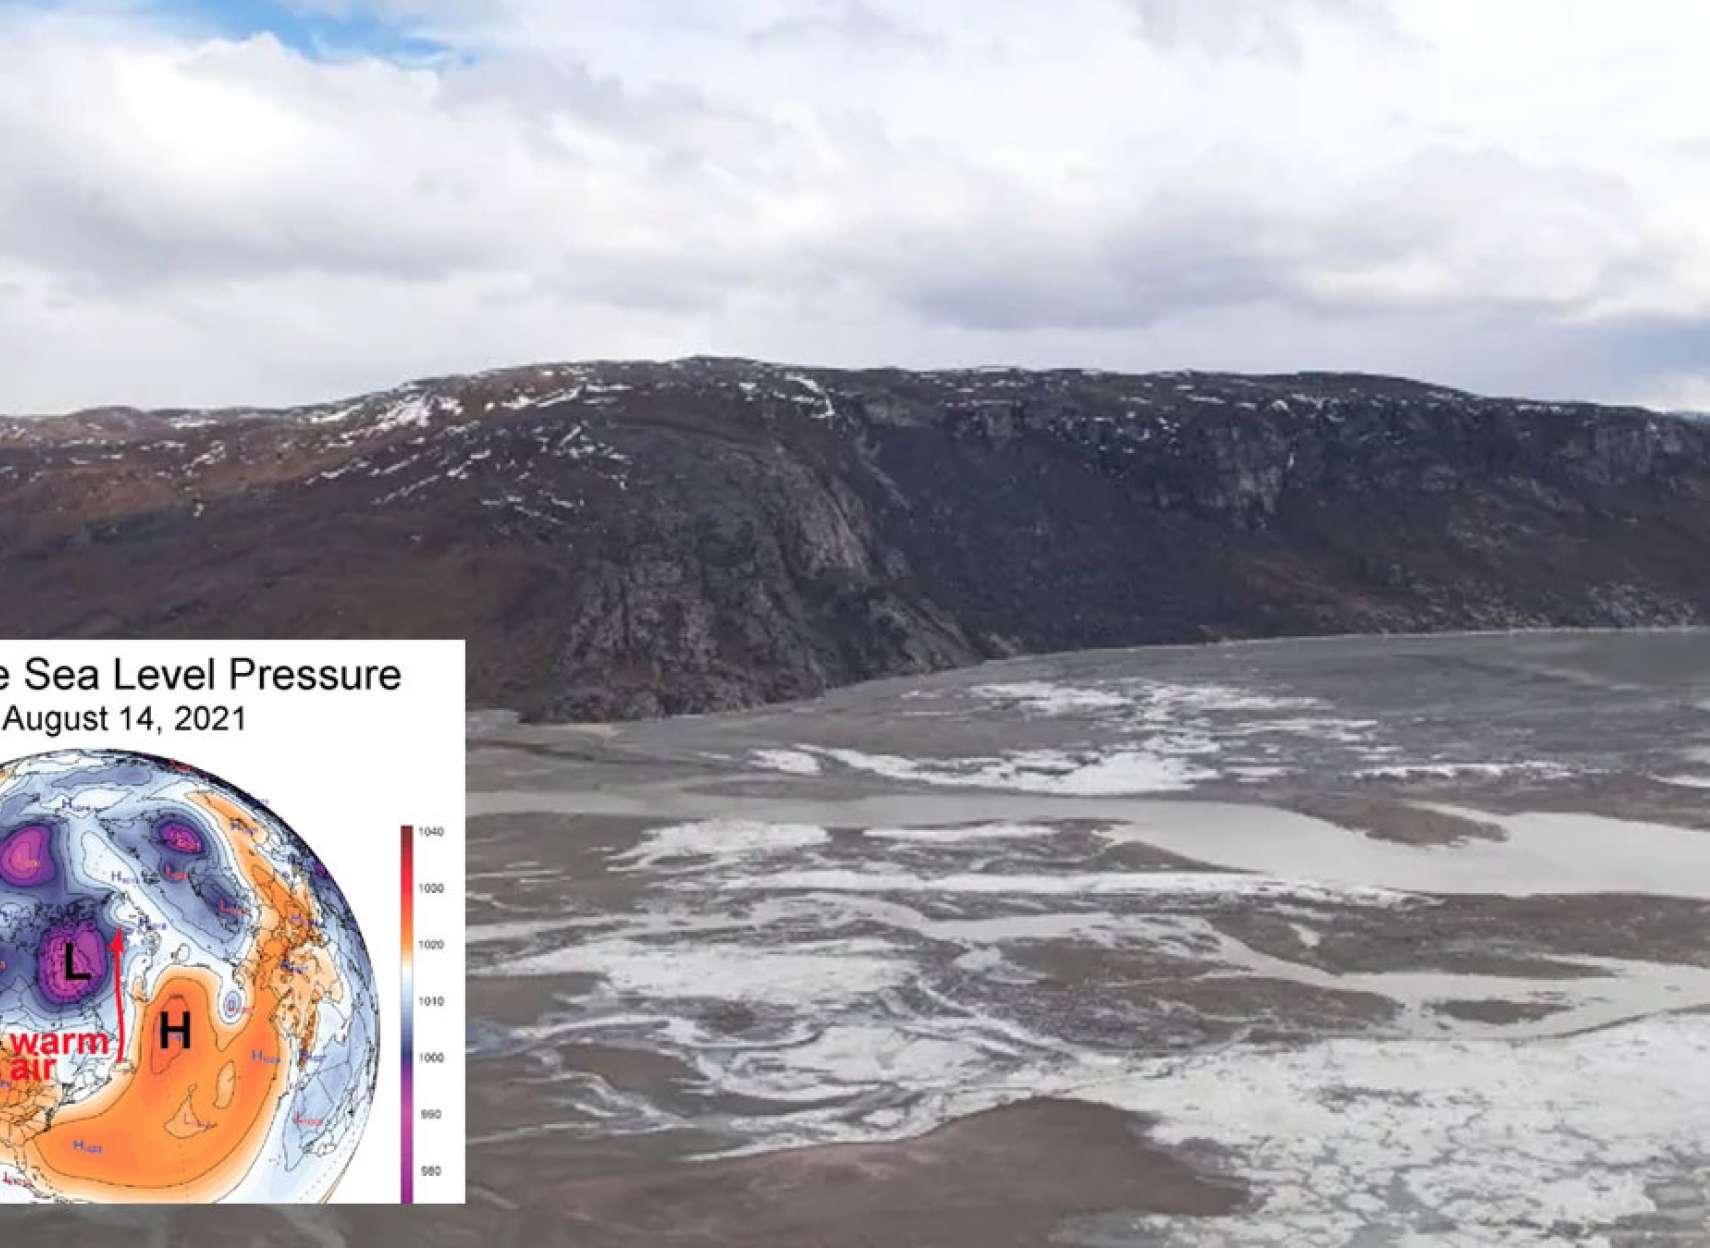 خبر-جهان-برای-اولین-بار-در-گرینلند-باران-بارید